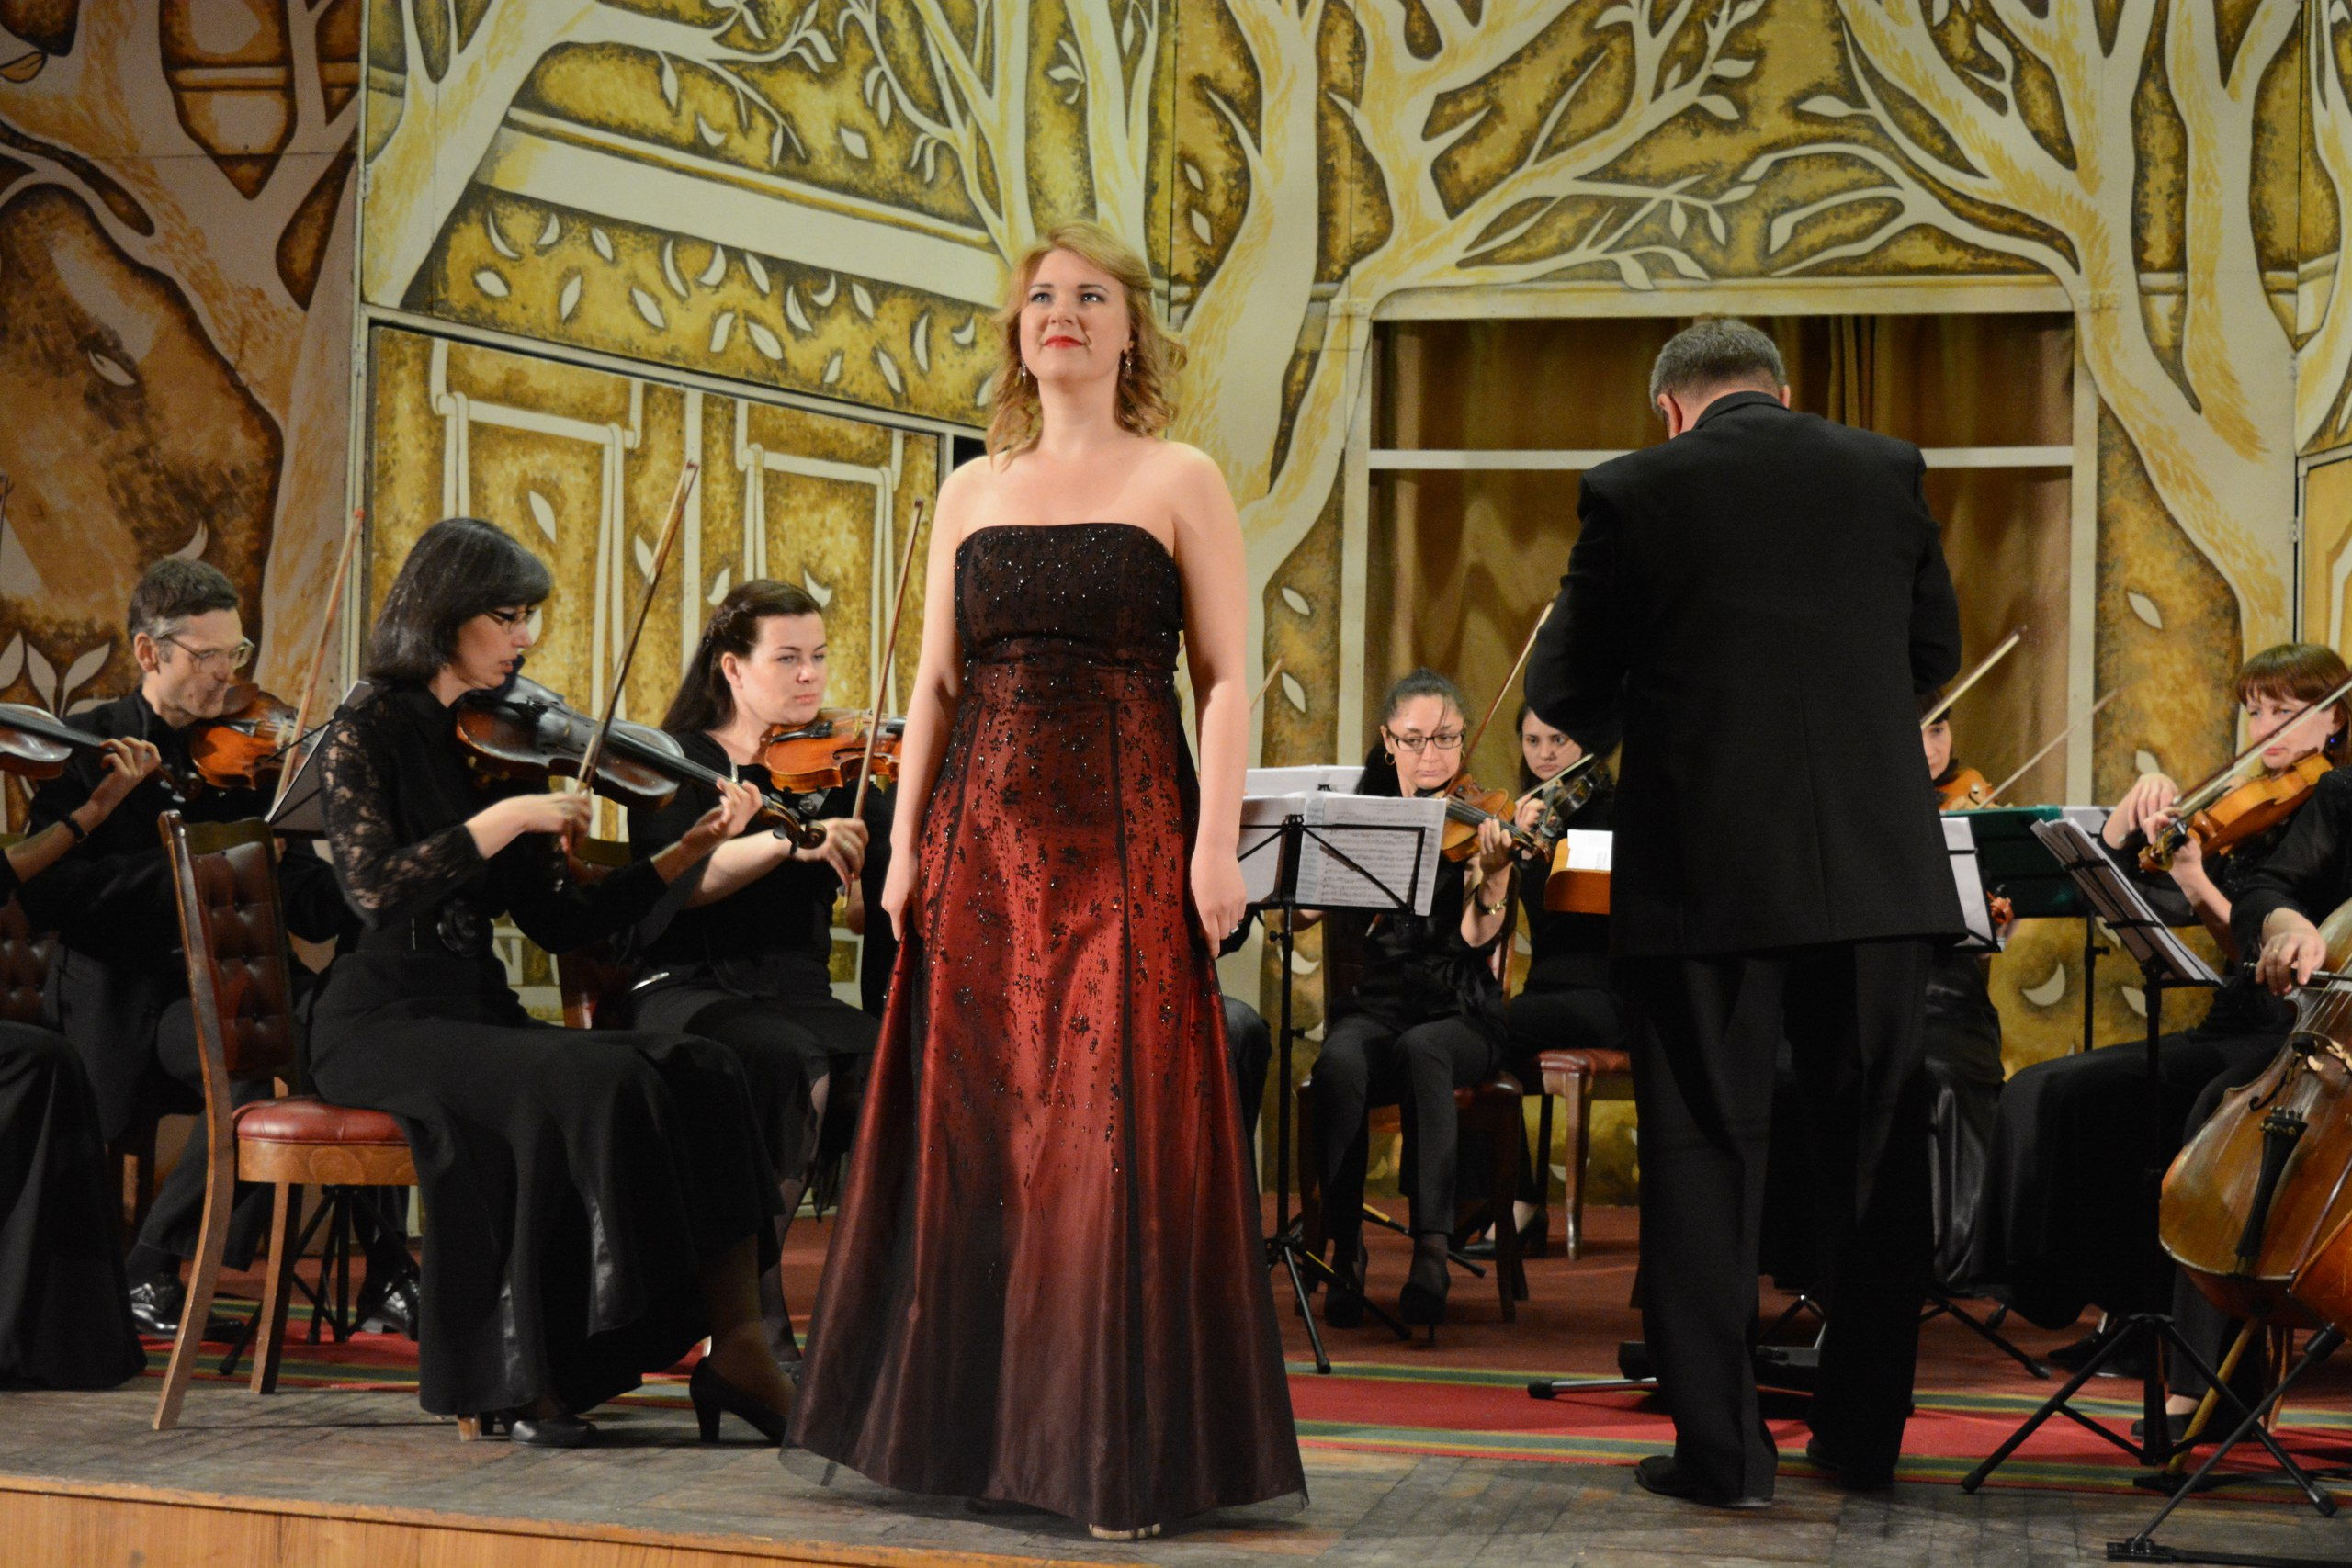 19 и 20 мая в Нижнем Тагиле в рамках праздника «Белый цветок» прошли благотворительные концерты классической музыки